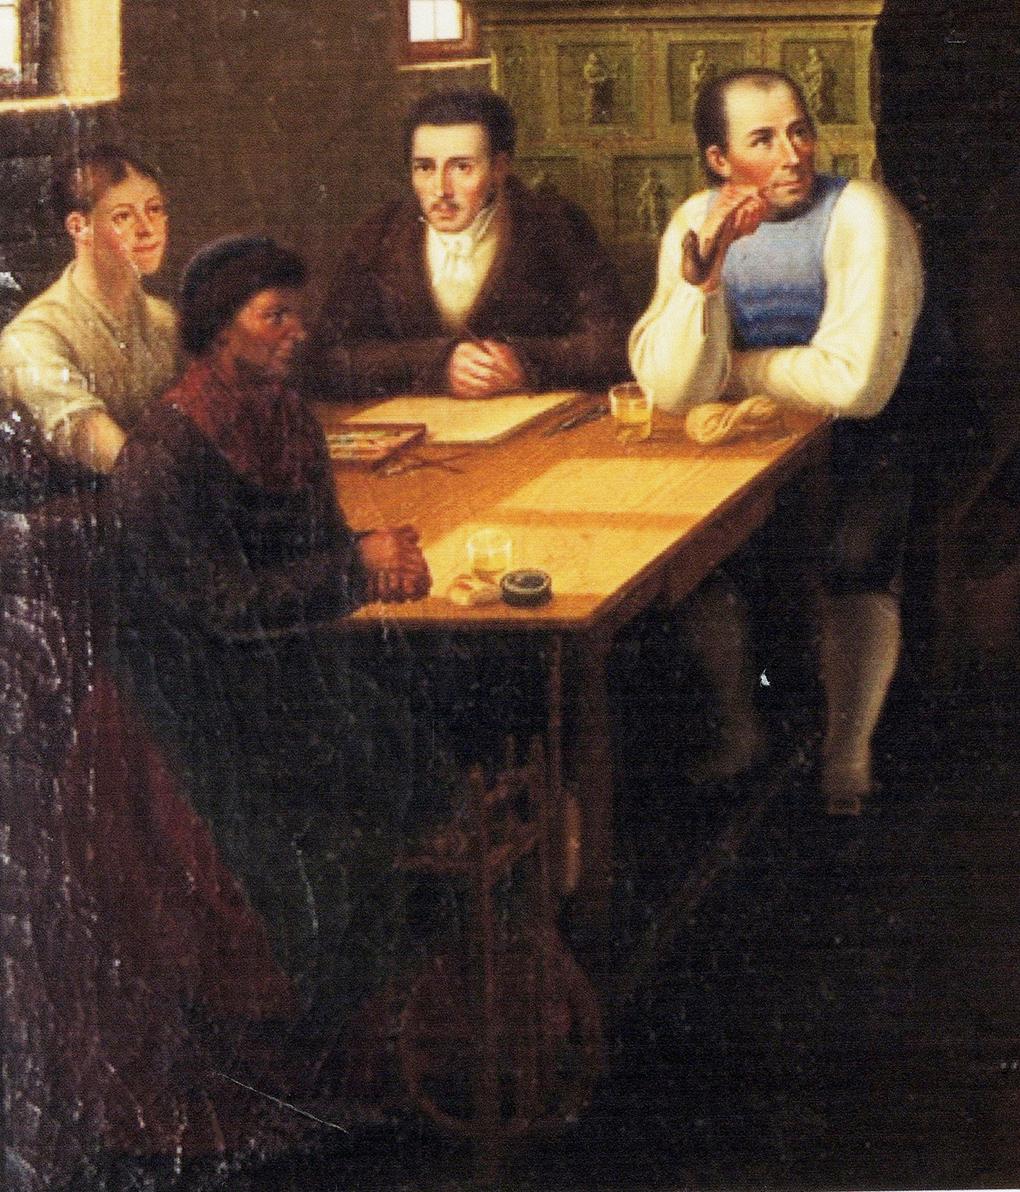 Autor anonimowy, według Ludwiga Mosta, Grupa siedząca przy oknie, motyw na obrazie Śląskie schronisko górskie, po 1837, olej na płótnie, aukcja firmy auktionata 14.01.2014, reprodukcja aukcyjna w internecie: http://auktionata.com/o/24295/august-ludwig-most-zugeschrieben-bauernstube..../